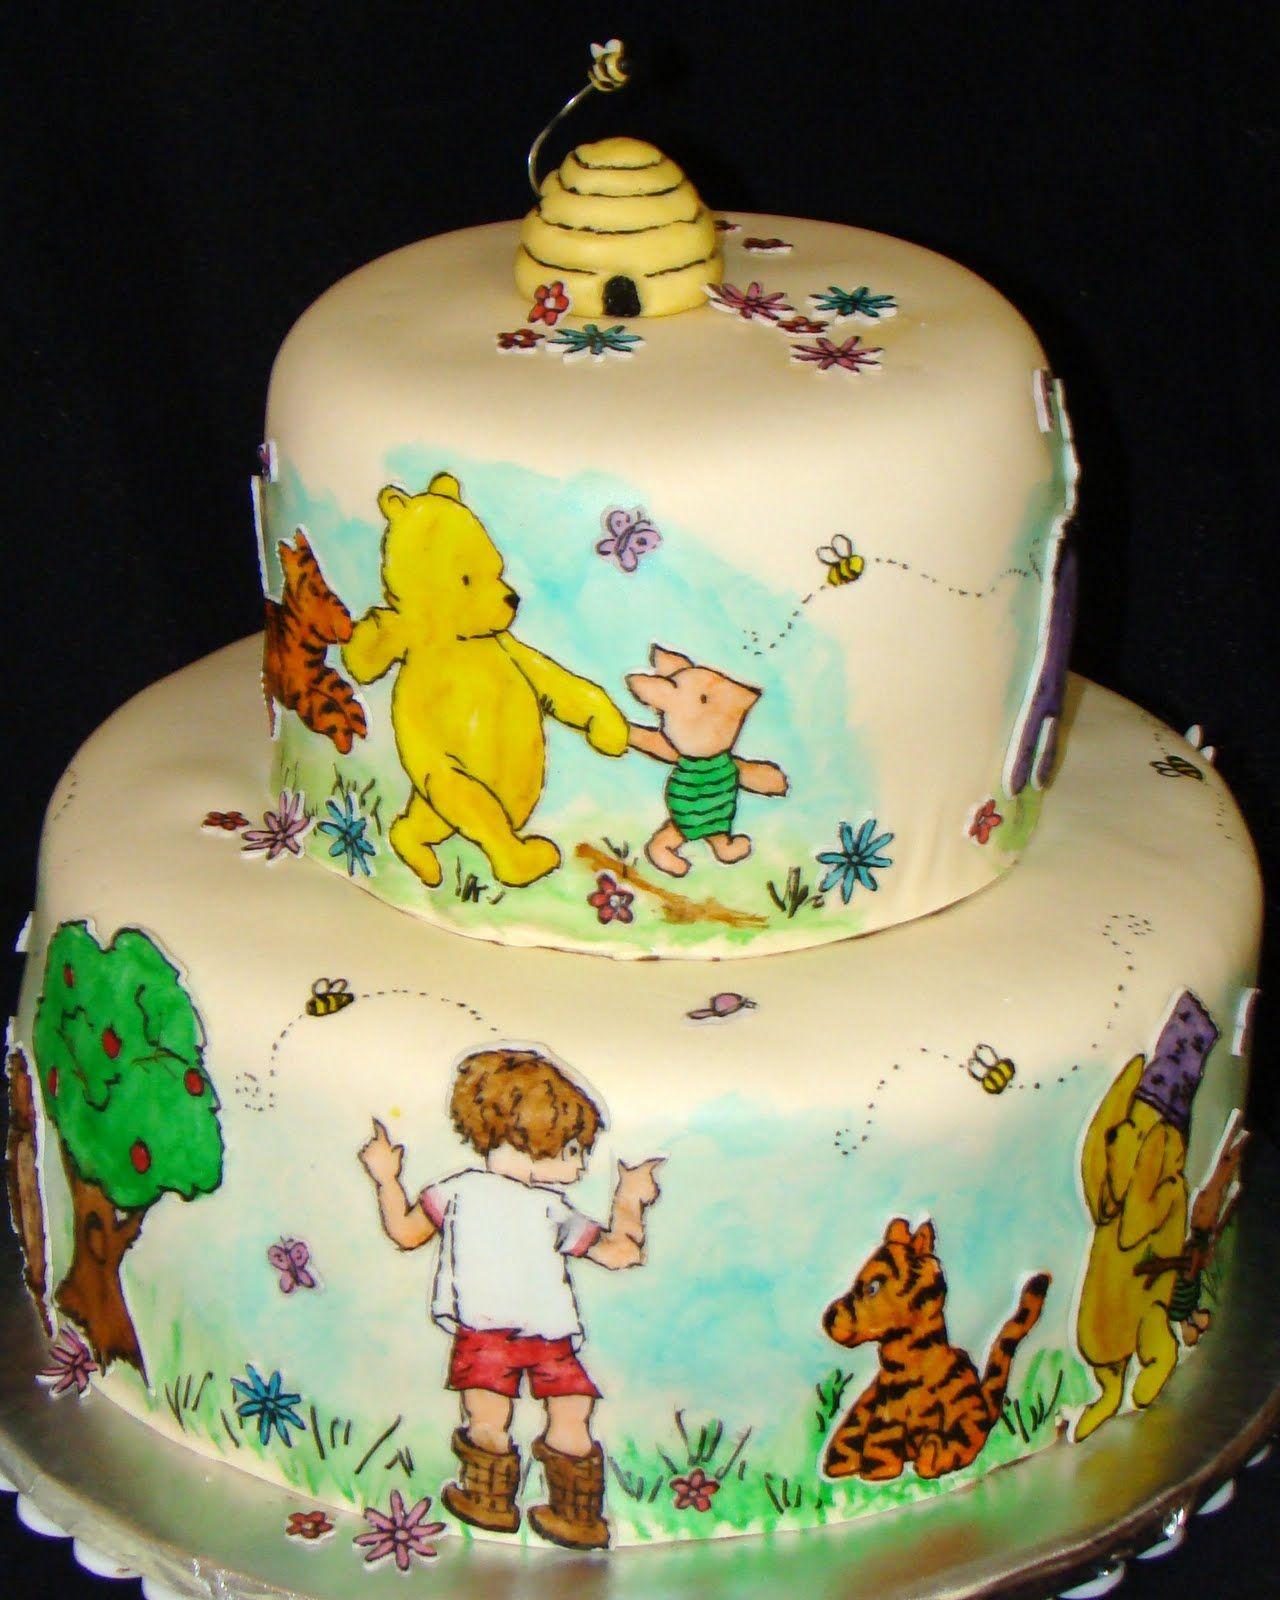 axel james u0026 39  winnie the pooh cake ideas on pinterest